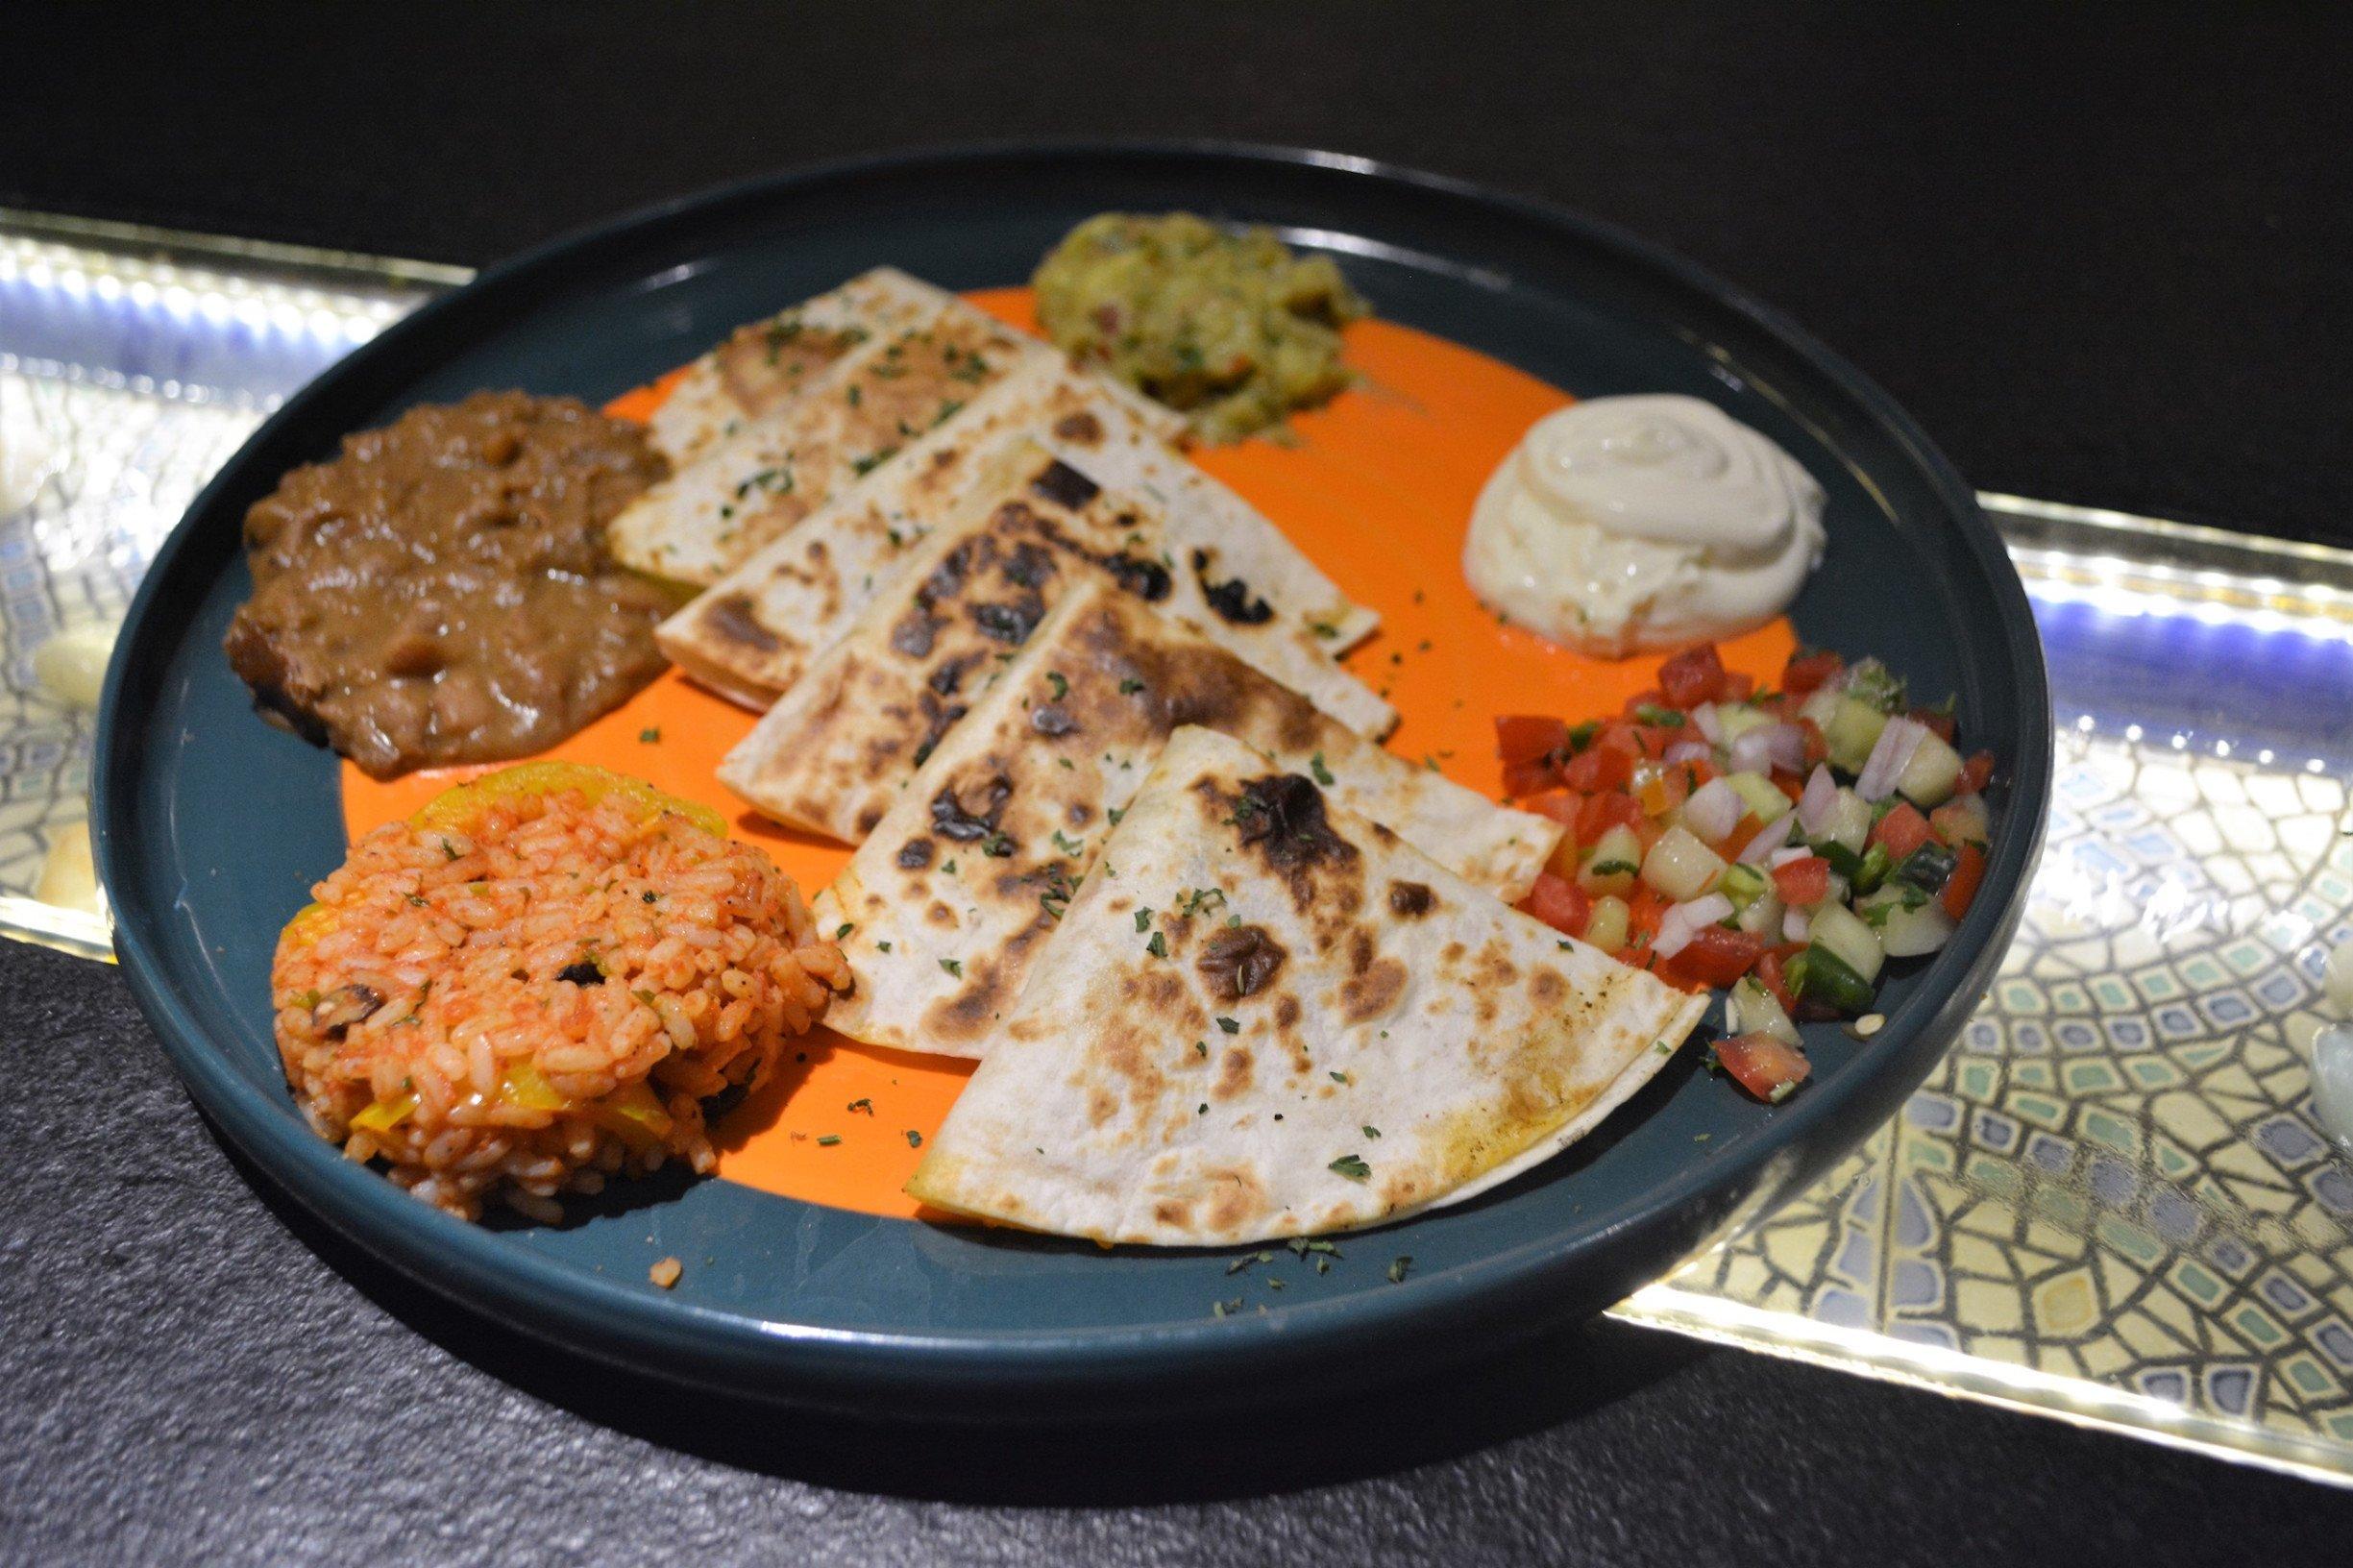 Tex-Mex: Quattro Ristorante's Fusion Food Festival Will Surely Add A Pinch Of Spice This Festive Season